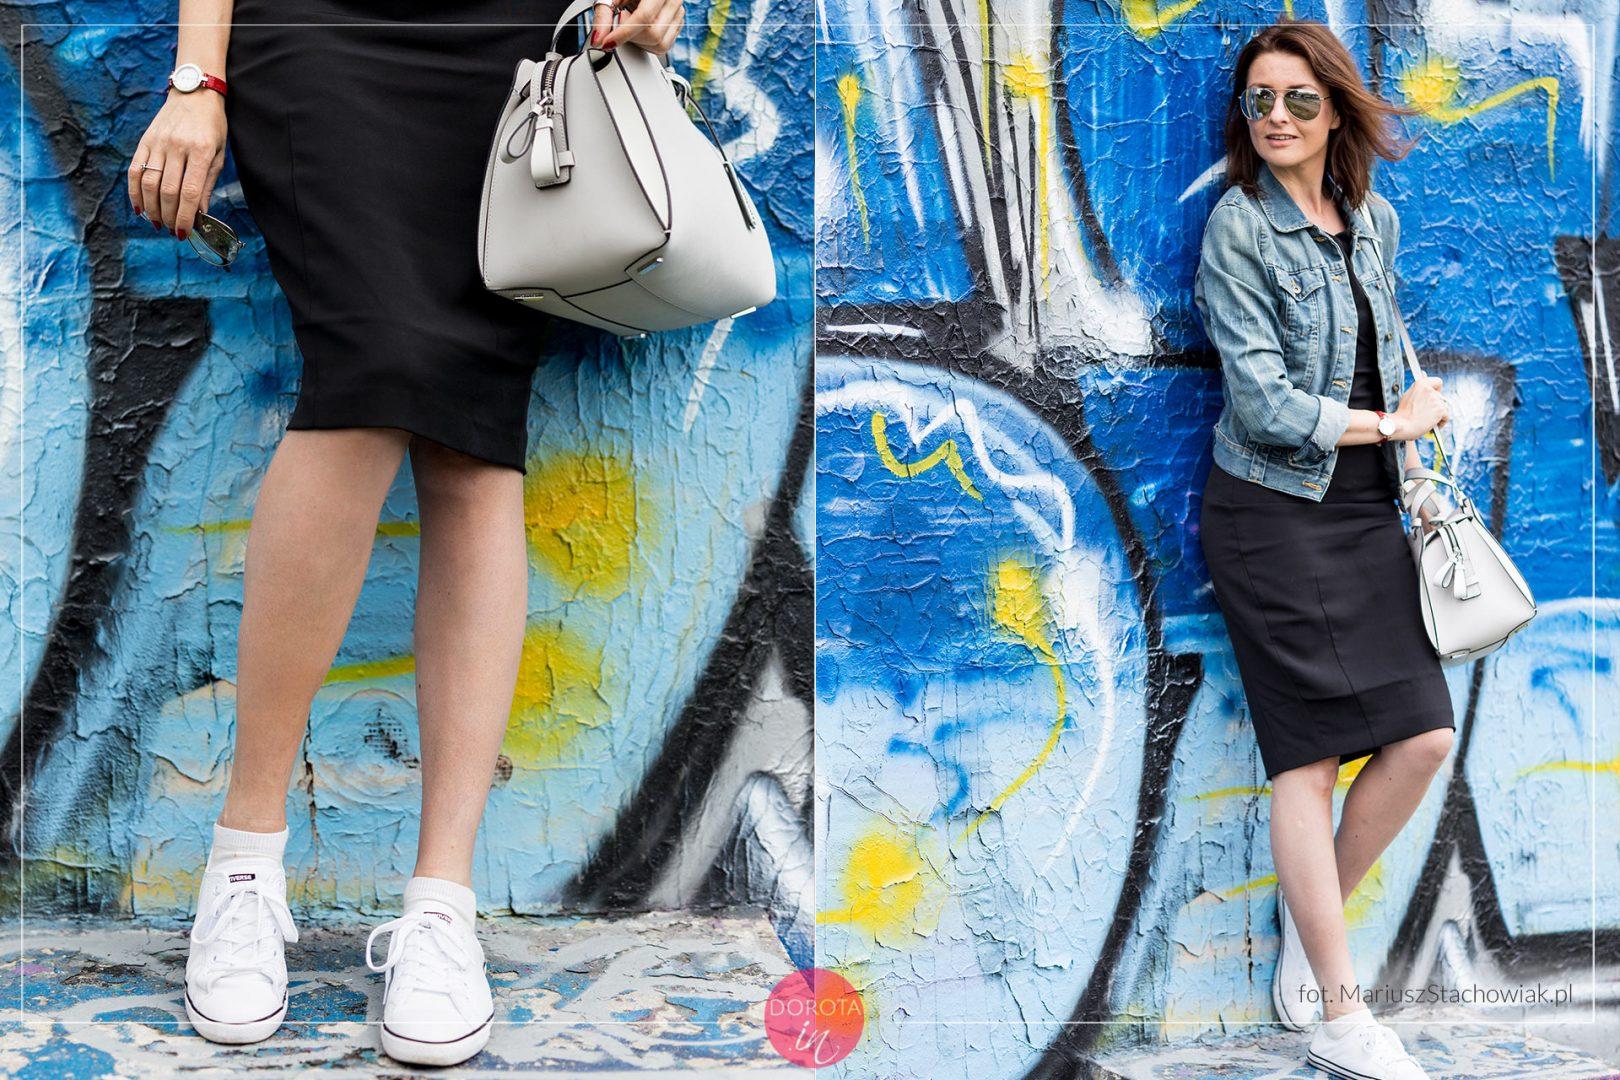 71e87c603b Czarna sukienka białe tenisówki stylizacja